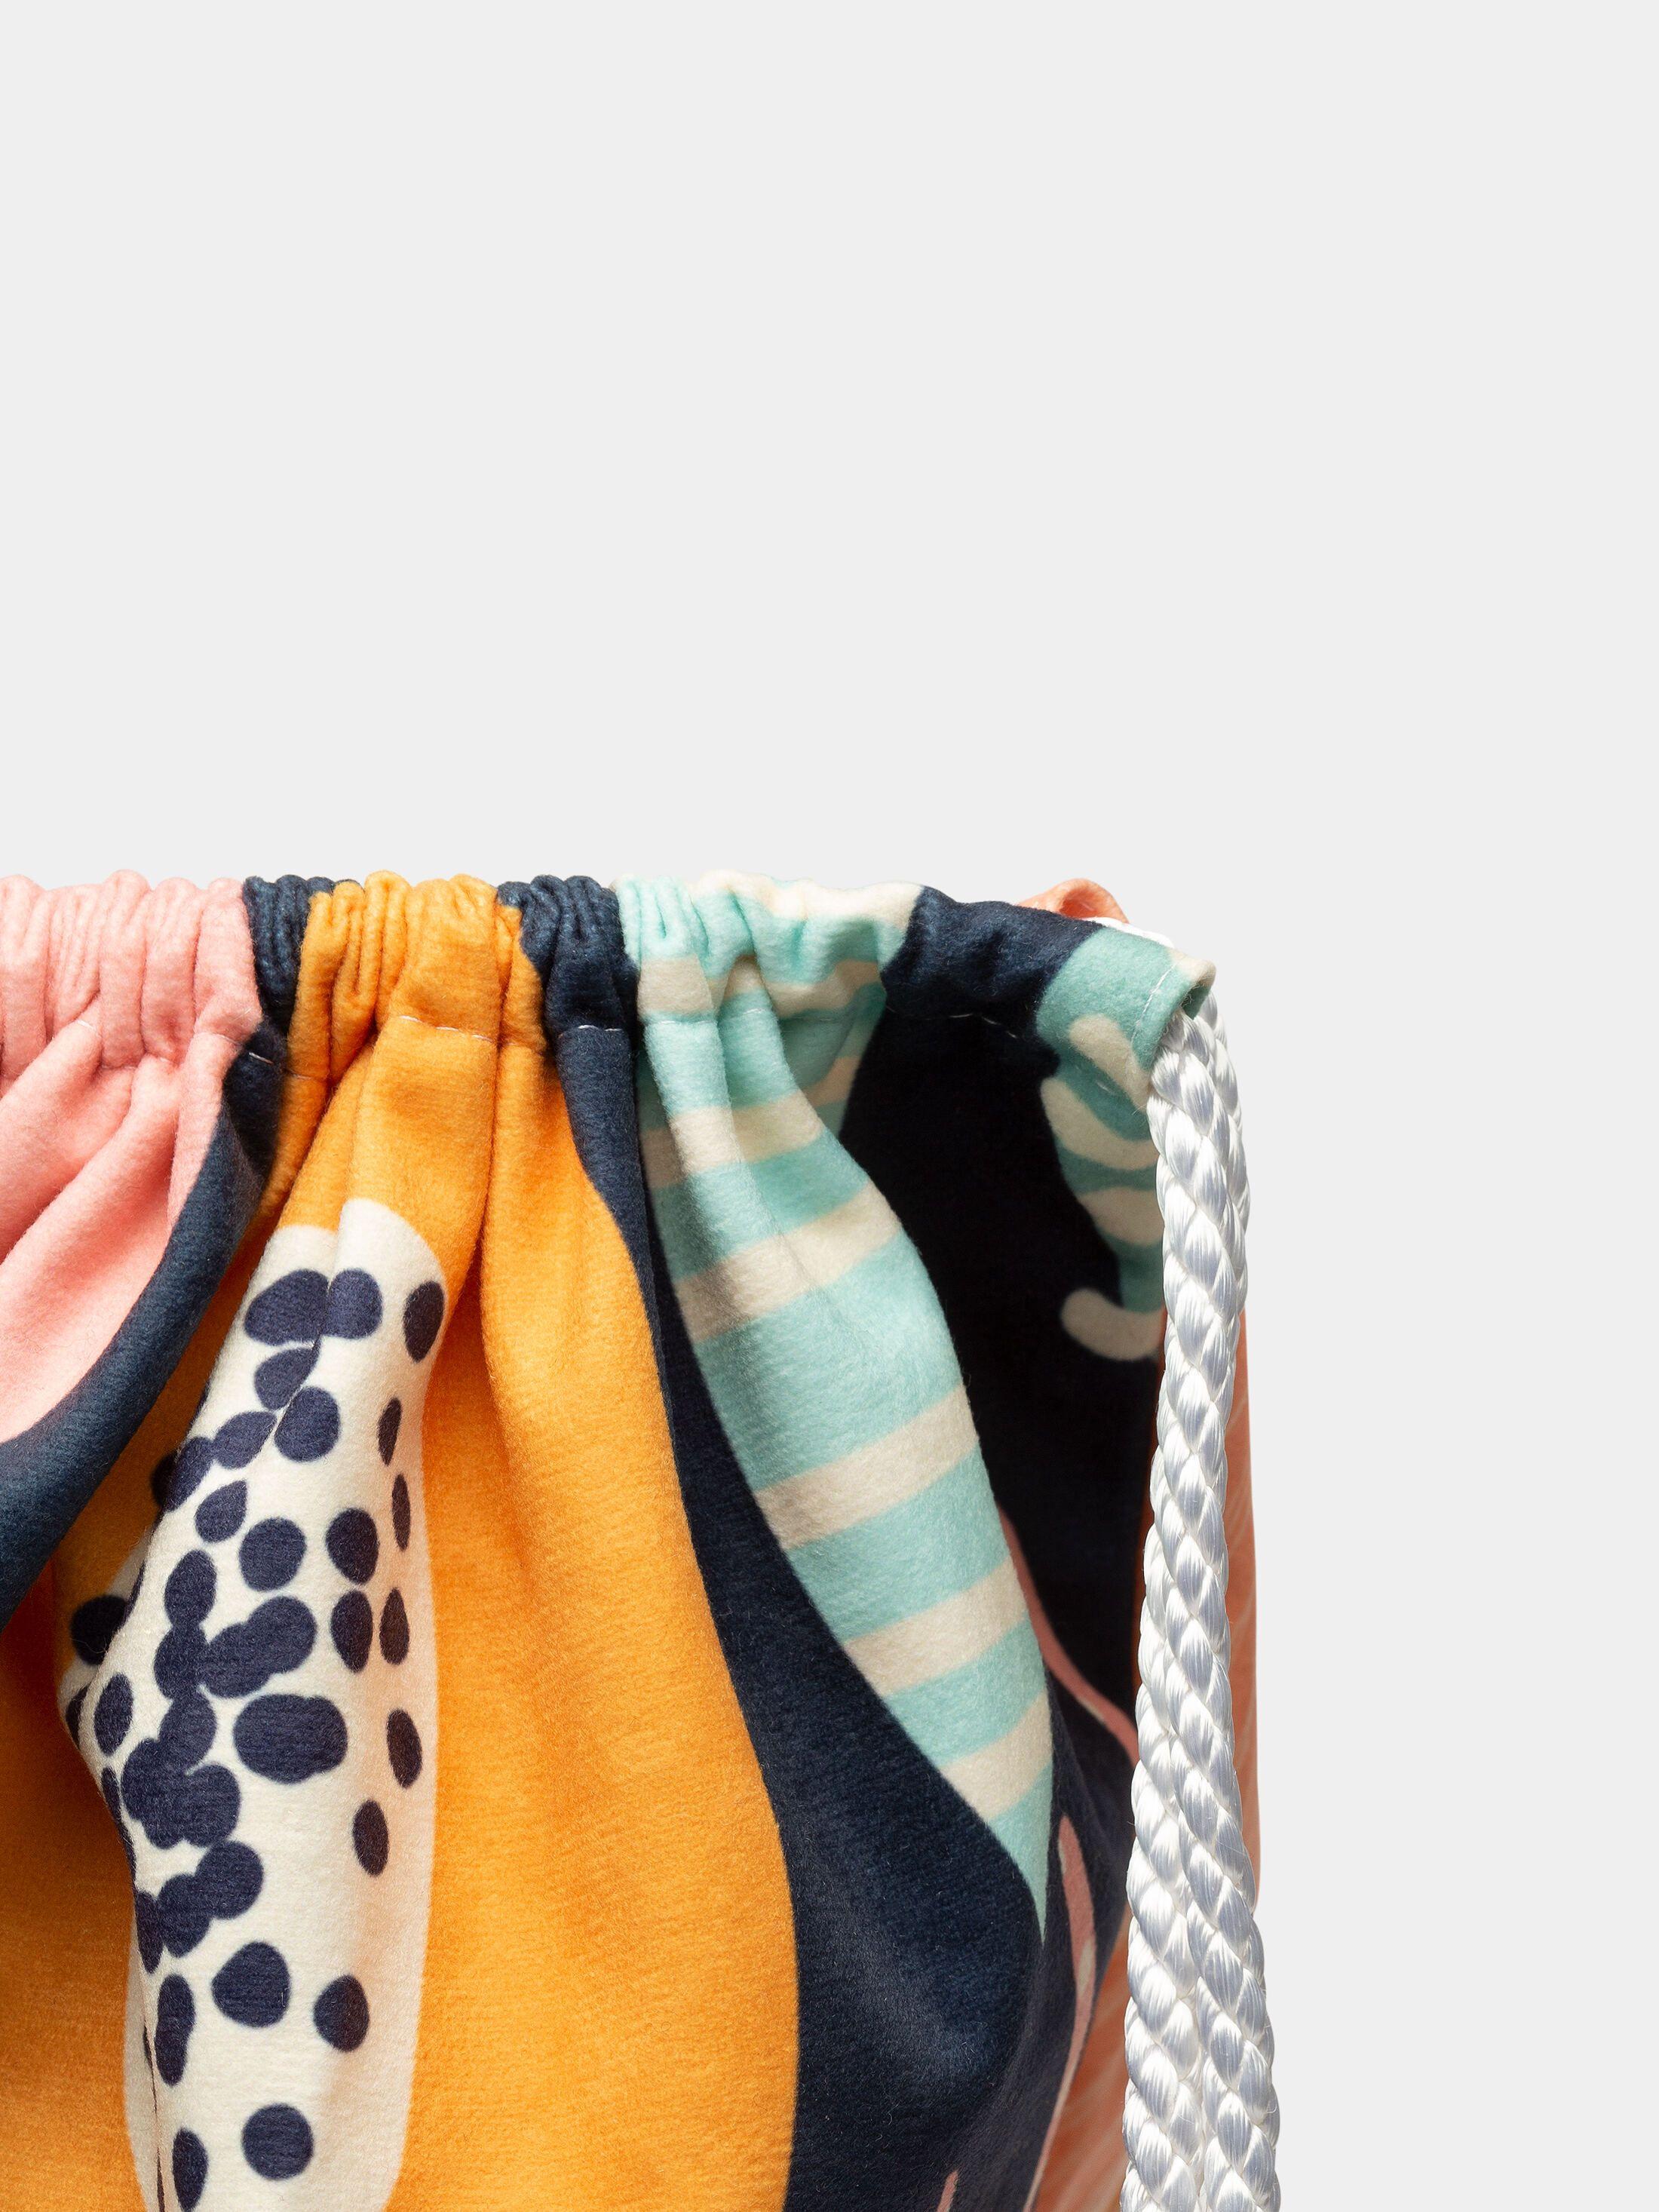 Custom Laundry Bags UK